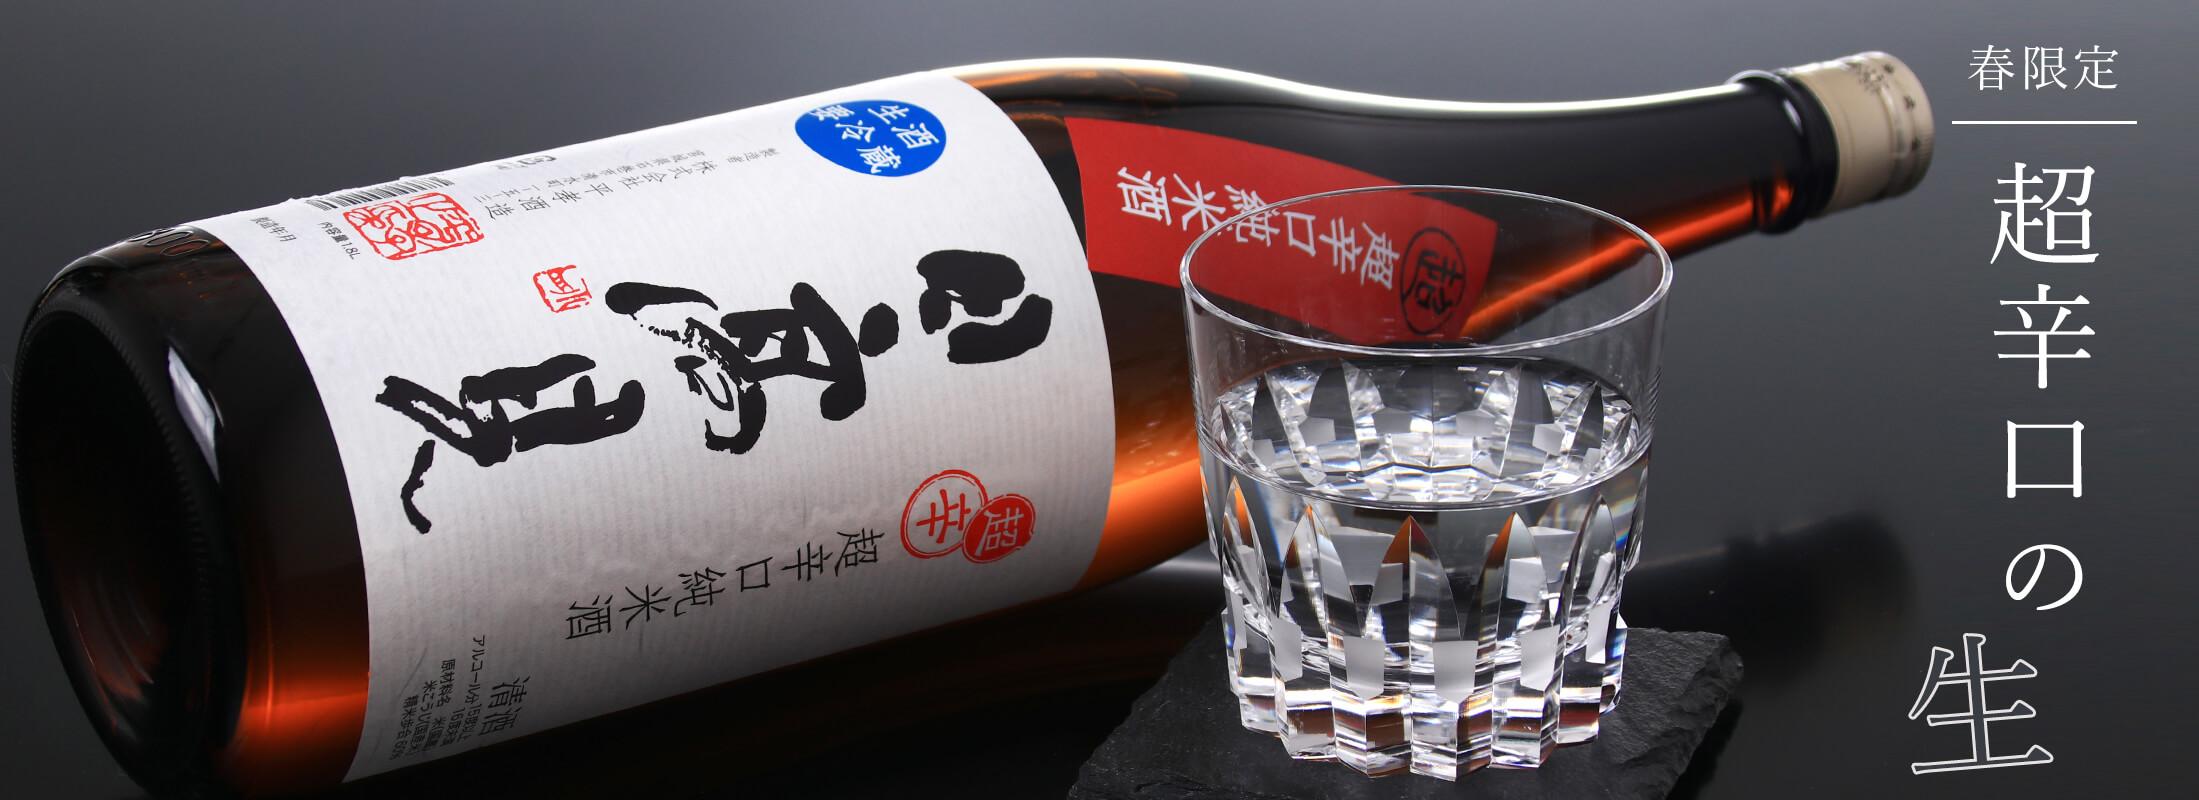 日高見 超辛口 純米 生酒